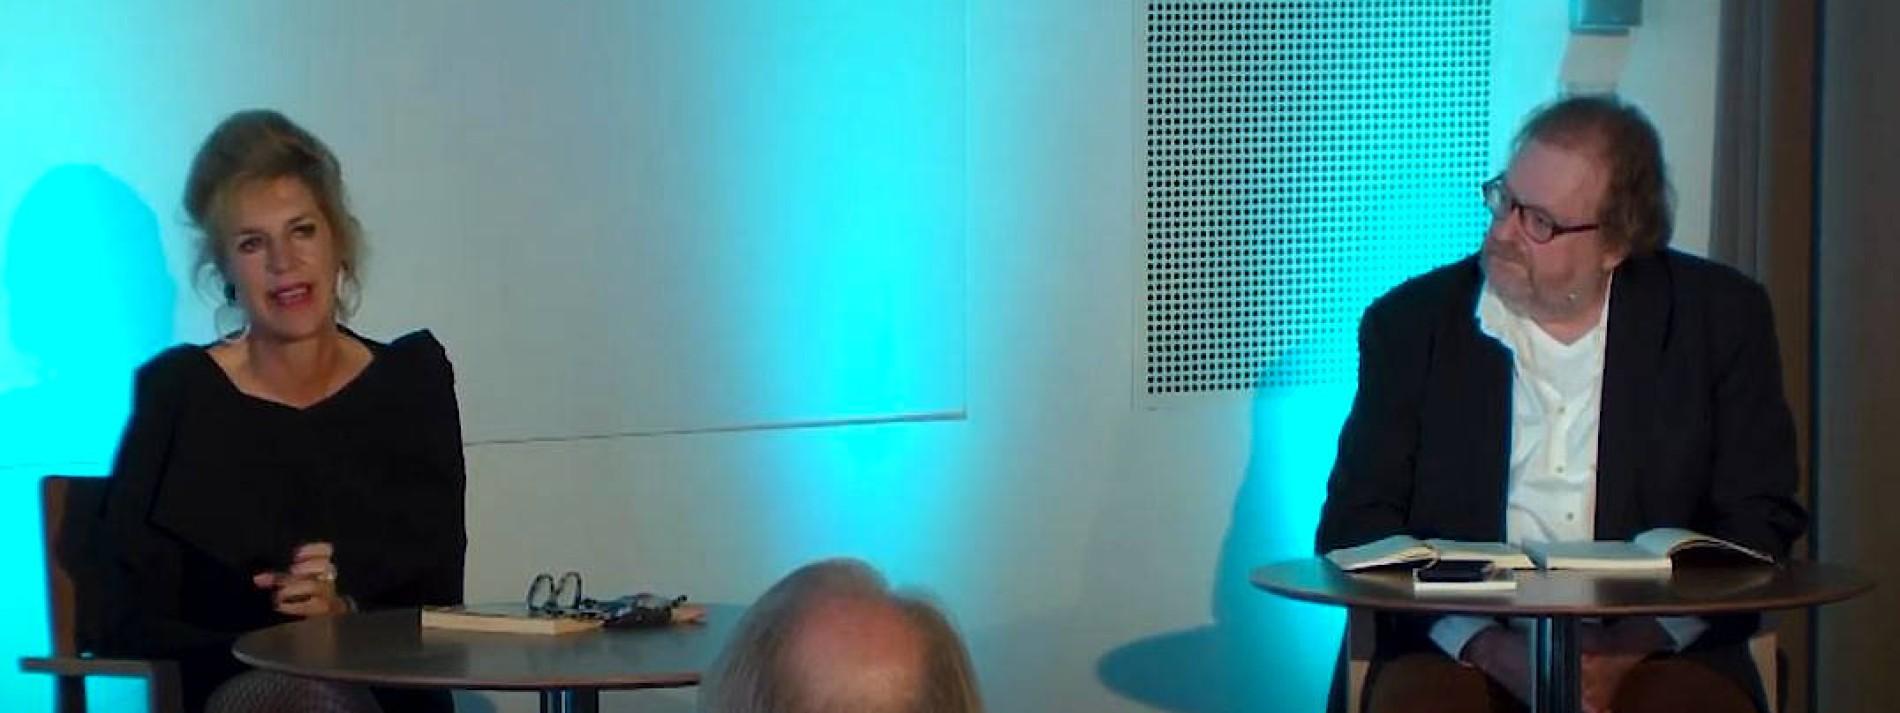 F.A.Z.-Herausgeber und Kleist-Museum laden zu Debatte ein